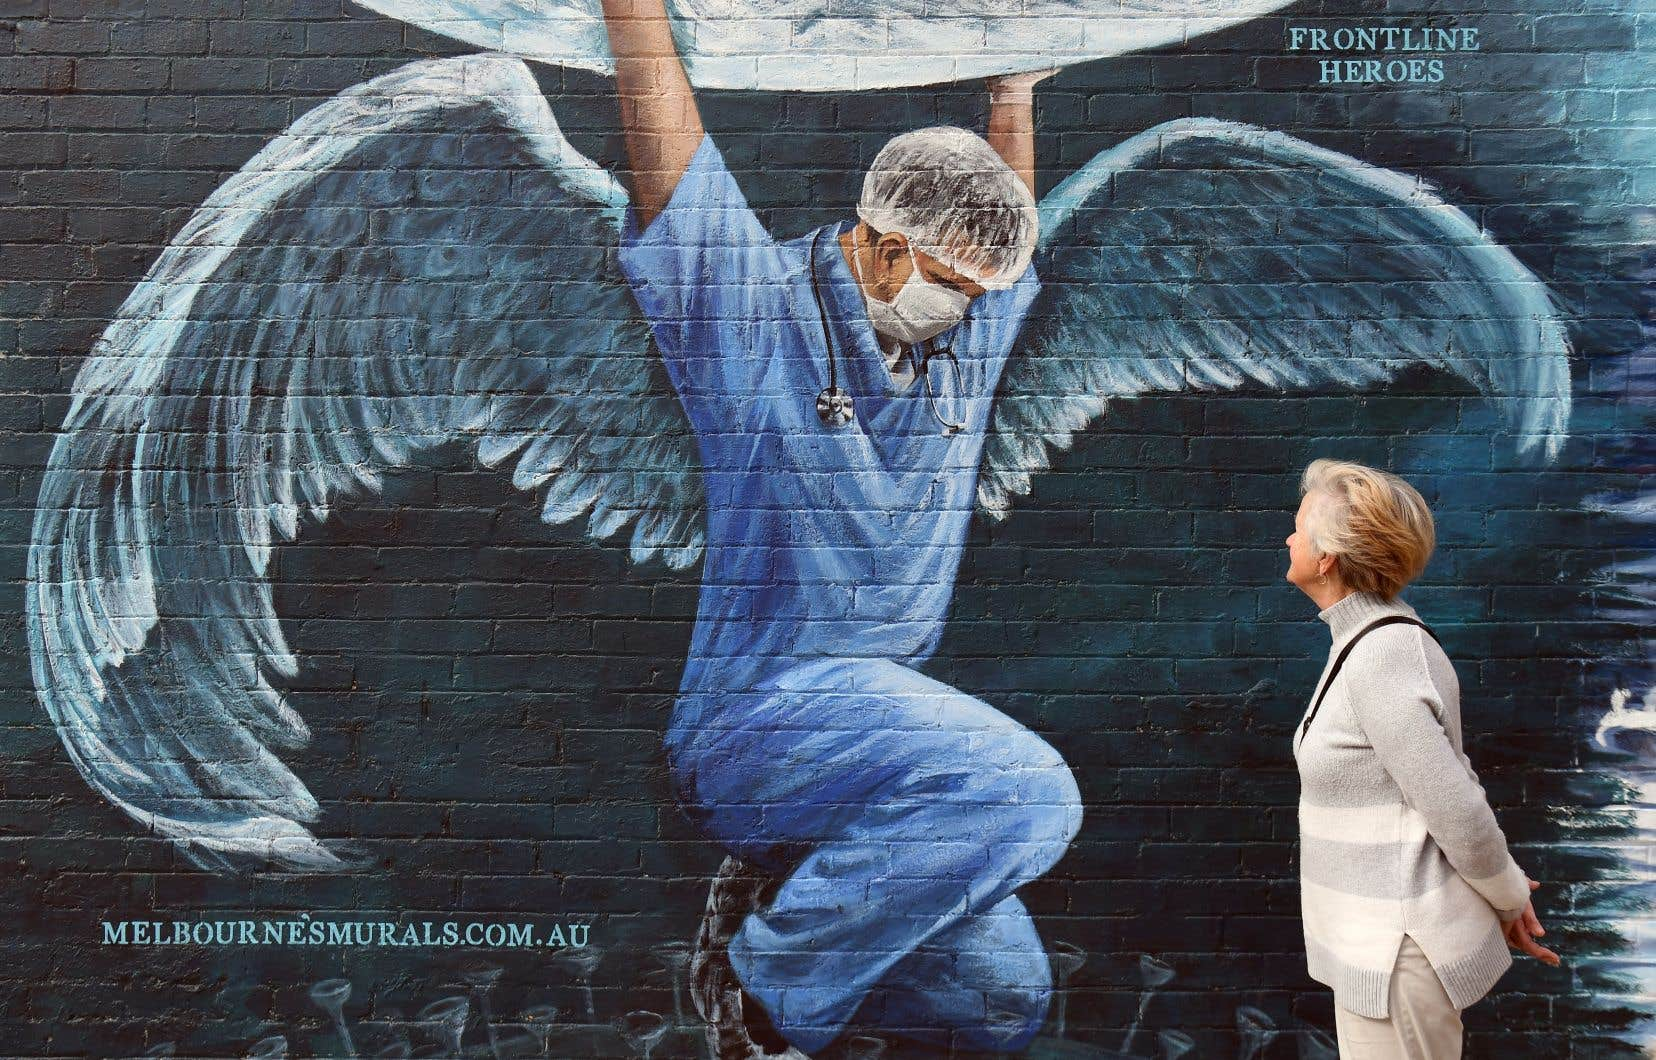 Si les «anges gardiens» sont des faiseurs de miracles, c'est uniquement parce qu'ils font tant avec si peu, affirment les autrices.